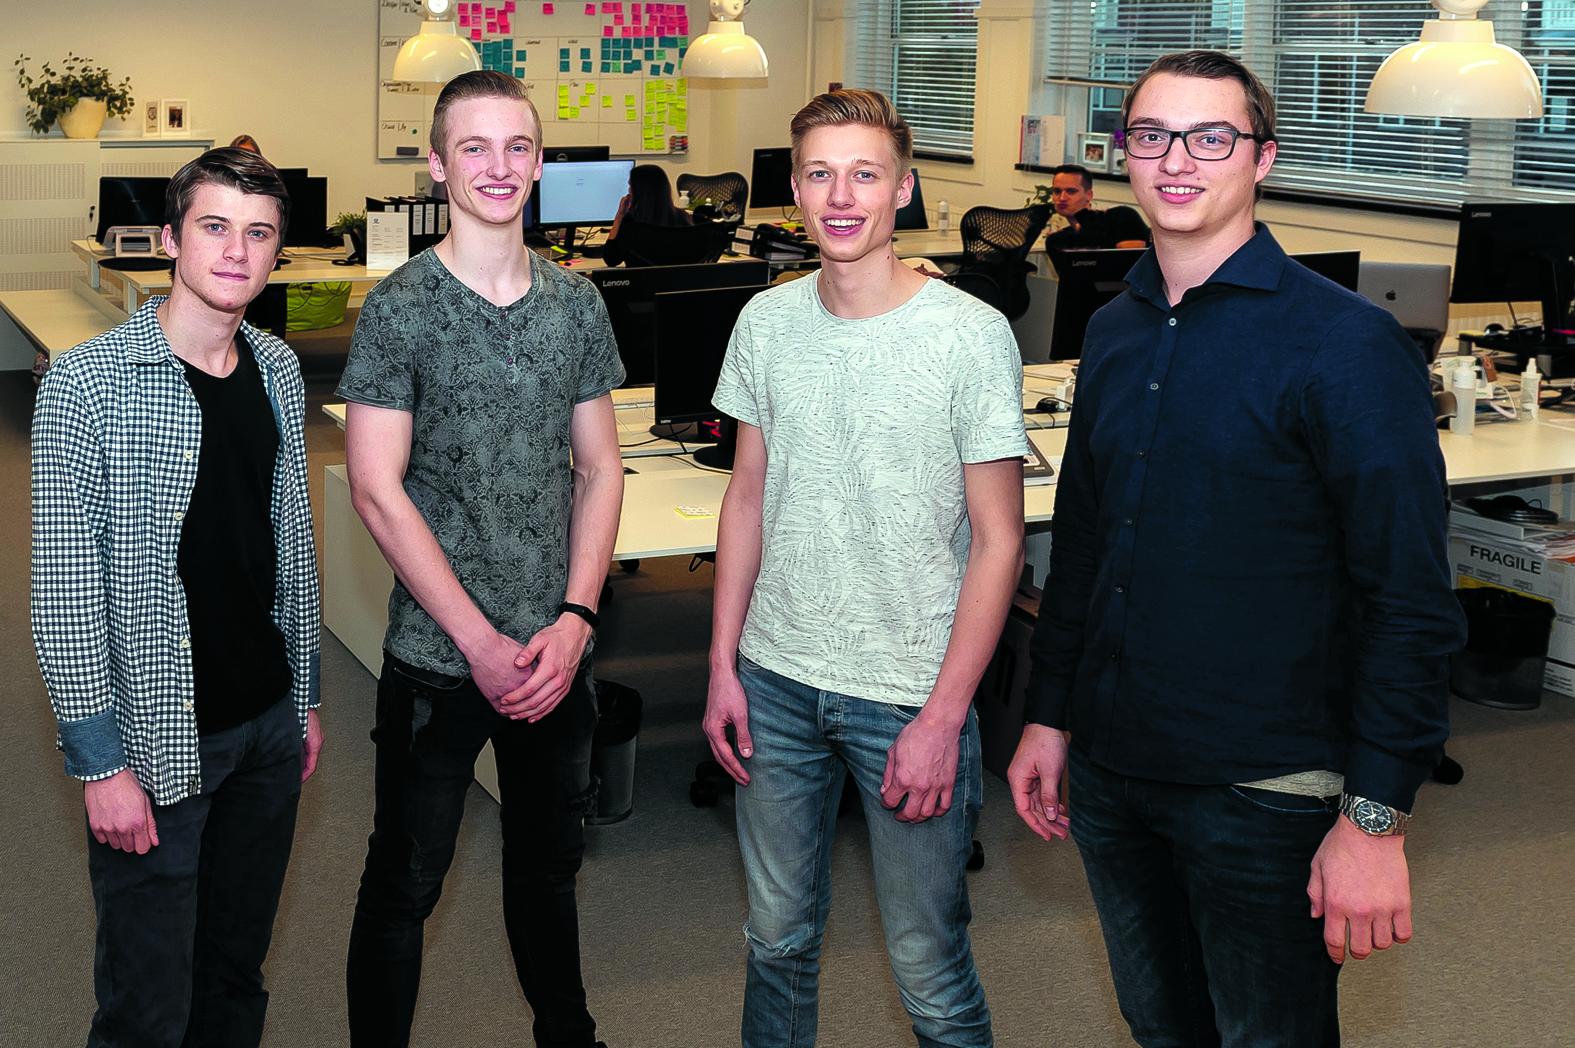 Het winnende team, bestaande uit v.l.n.r. Jochem Boon, Cor Francis, Sven Post en Ruben Vriesman, presenteerde het concept van het buddybedrijf, de brug tussen studenten en bedrijven. (Foto: Han Giskes)